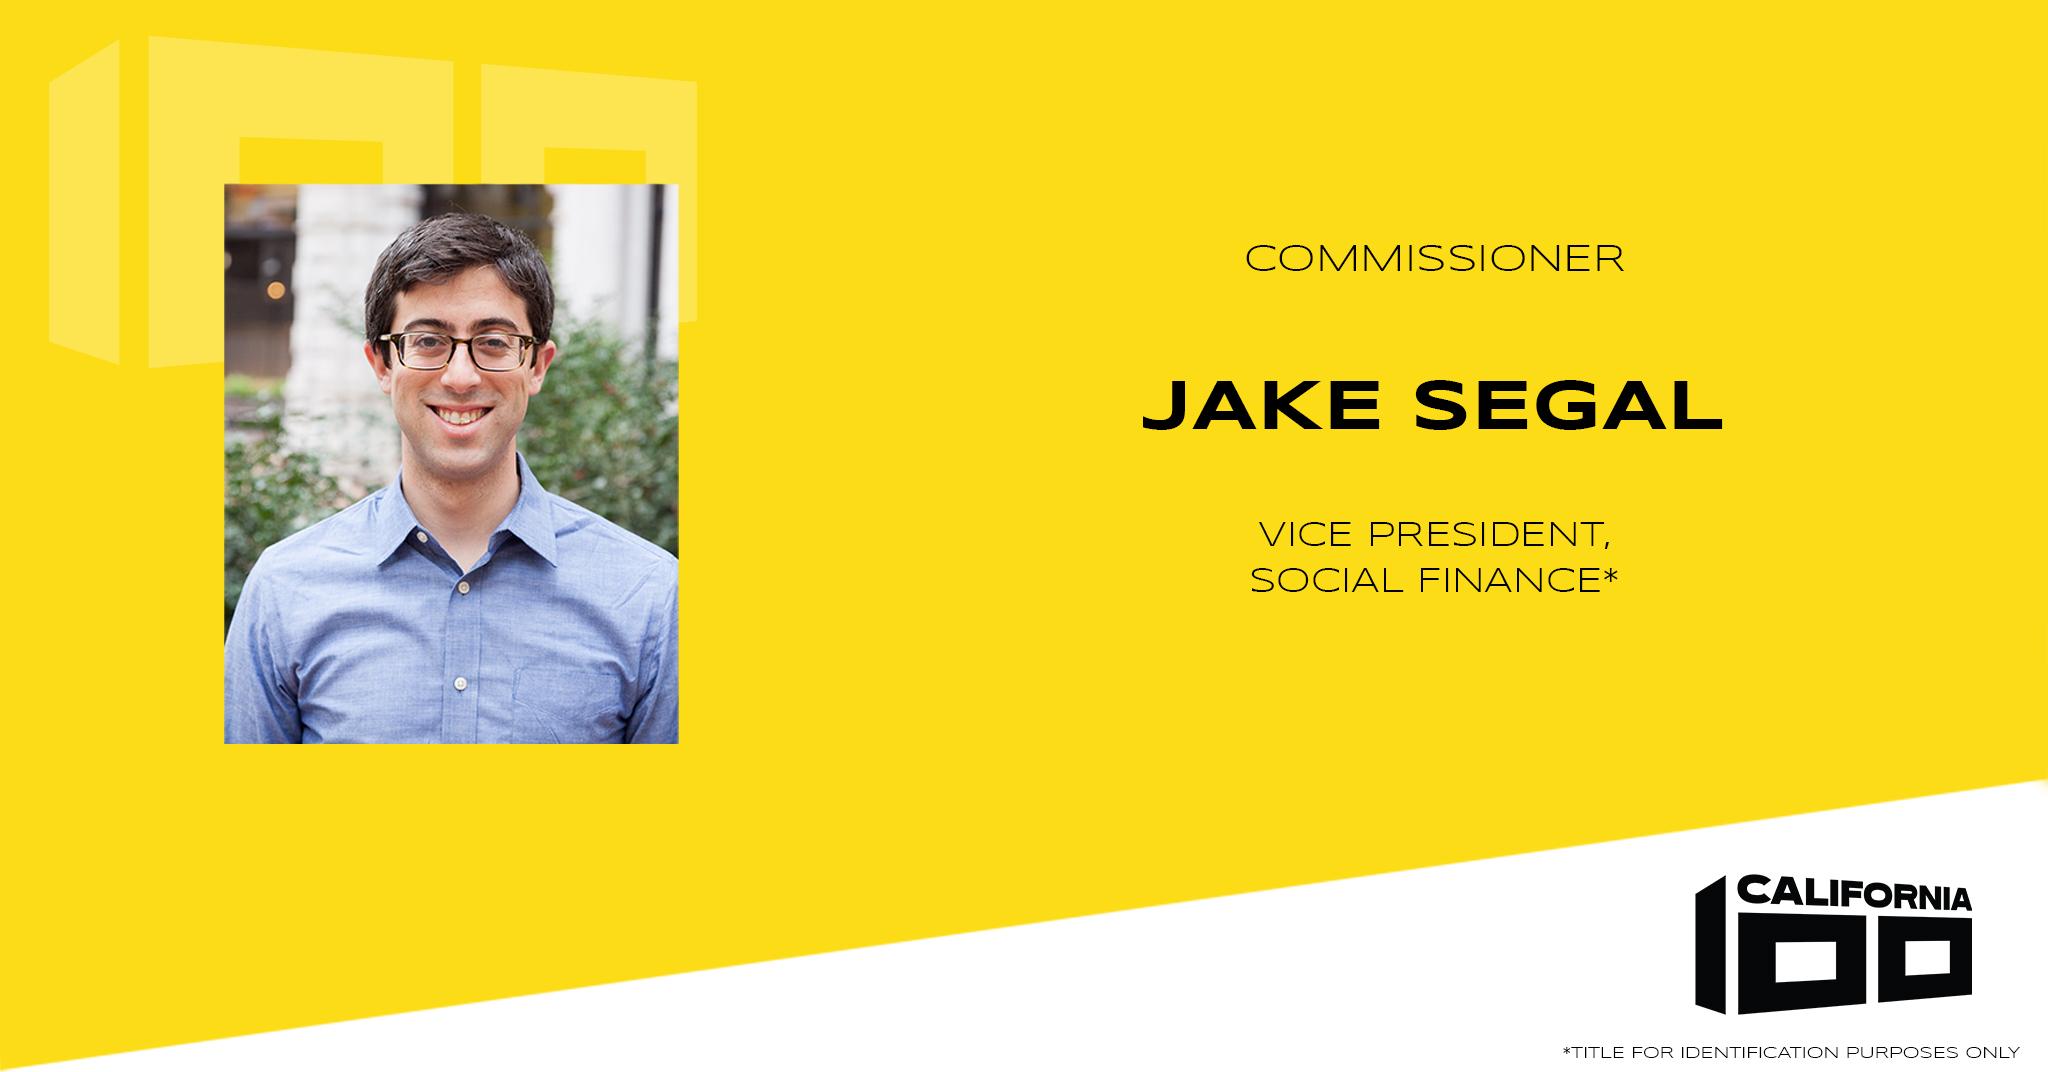 Jake Segal